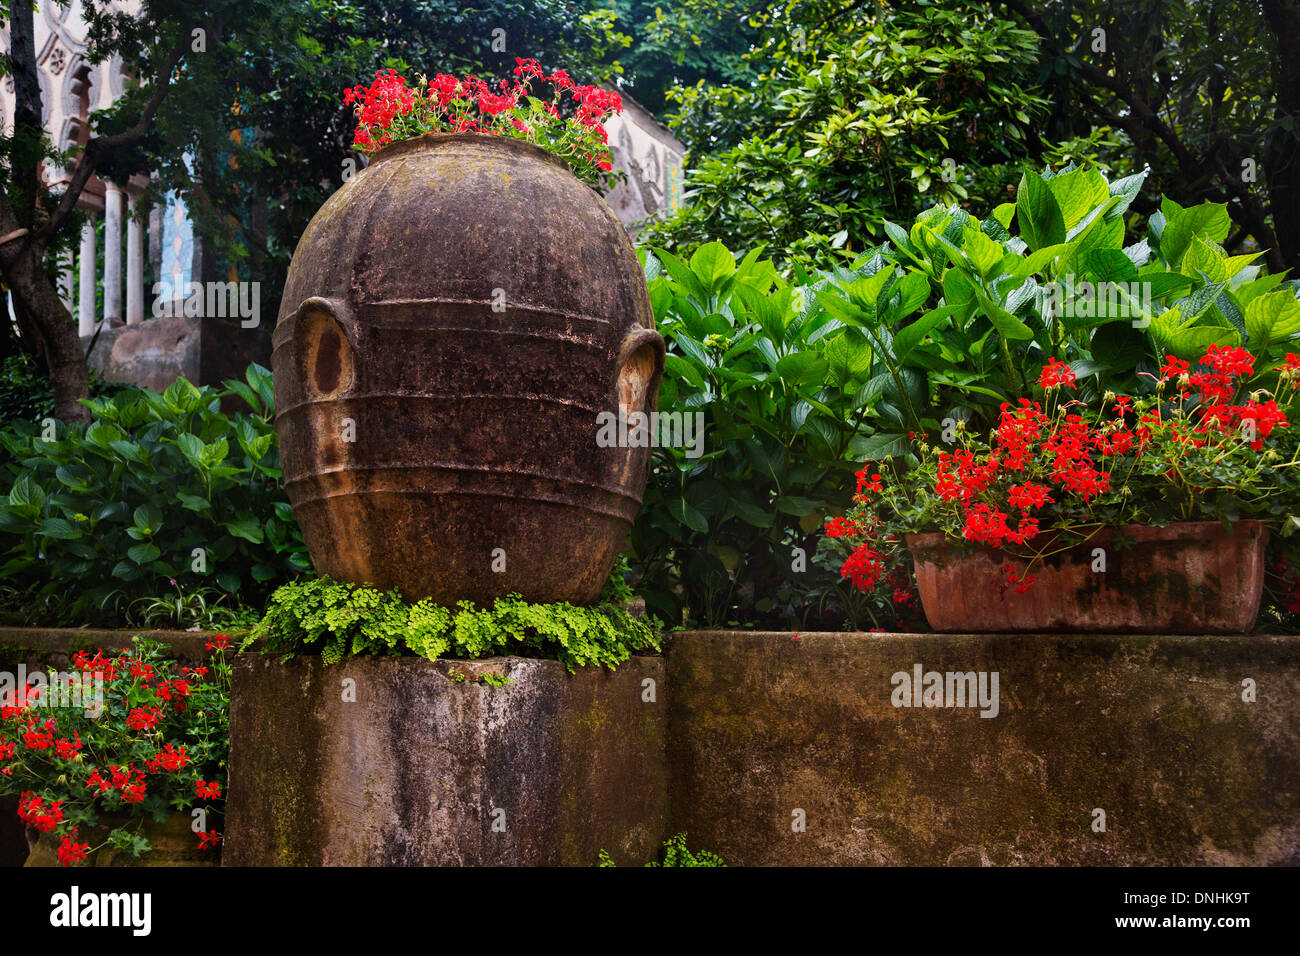 Les plantes dans le jardin, la Villa Cimbrone, Ravello, Province de Salerne, Campanie, Italie Banque D'Images